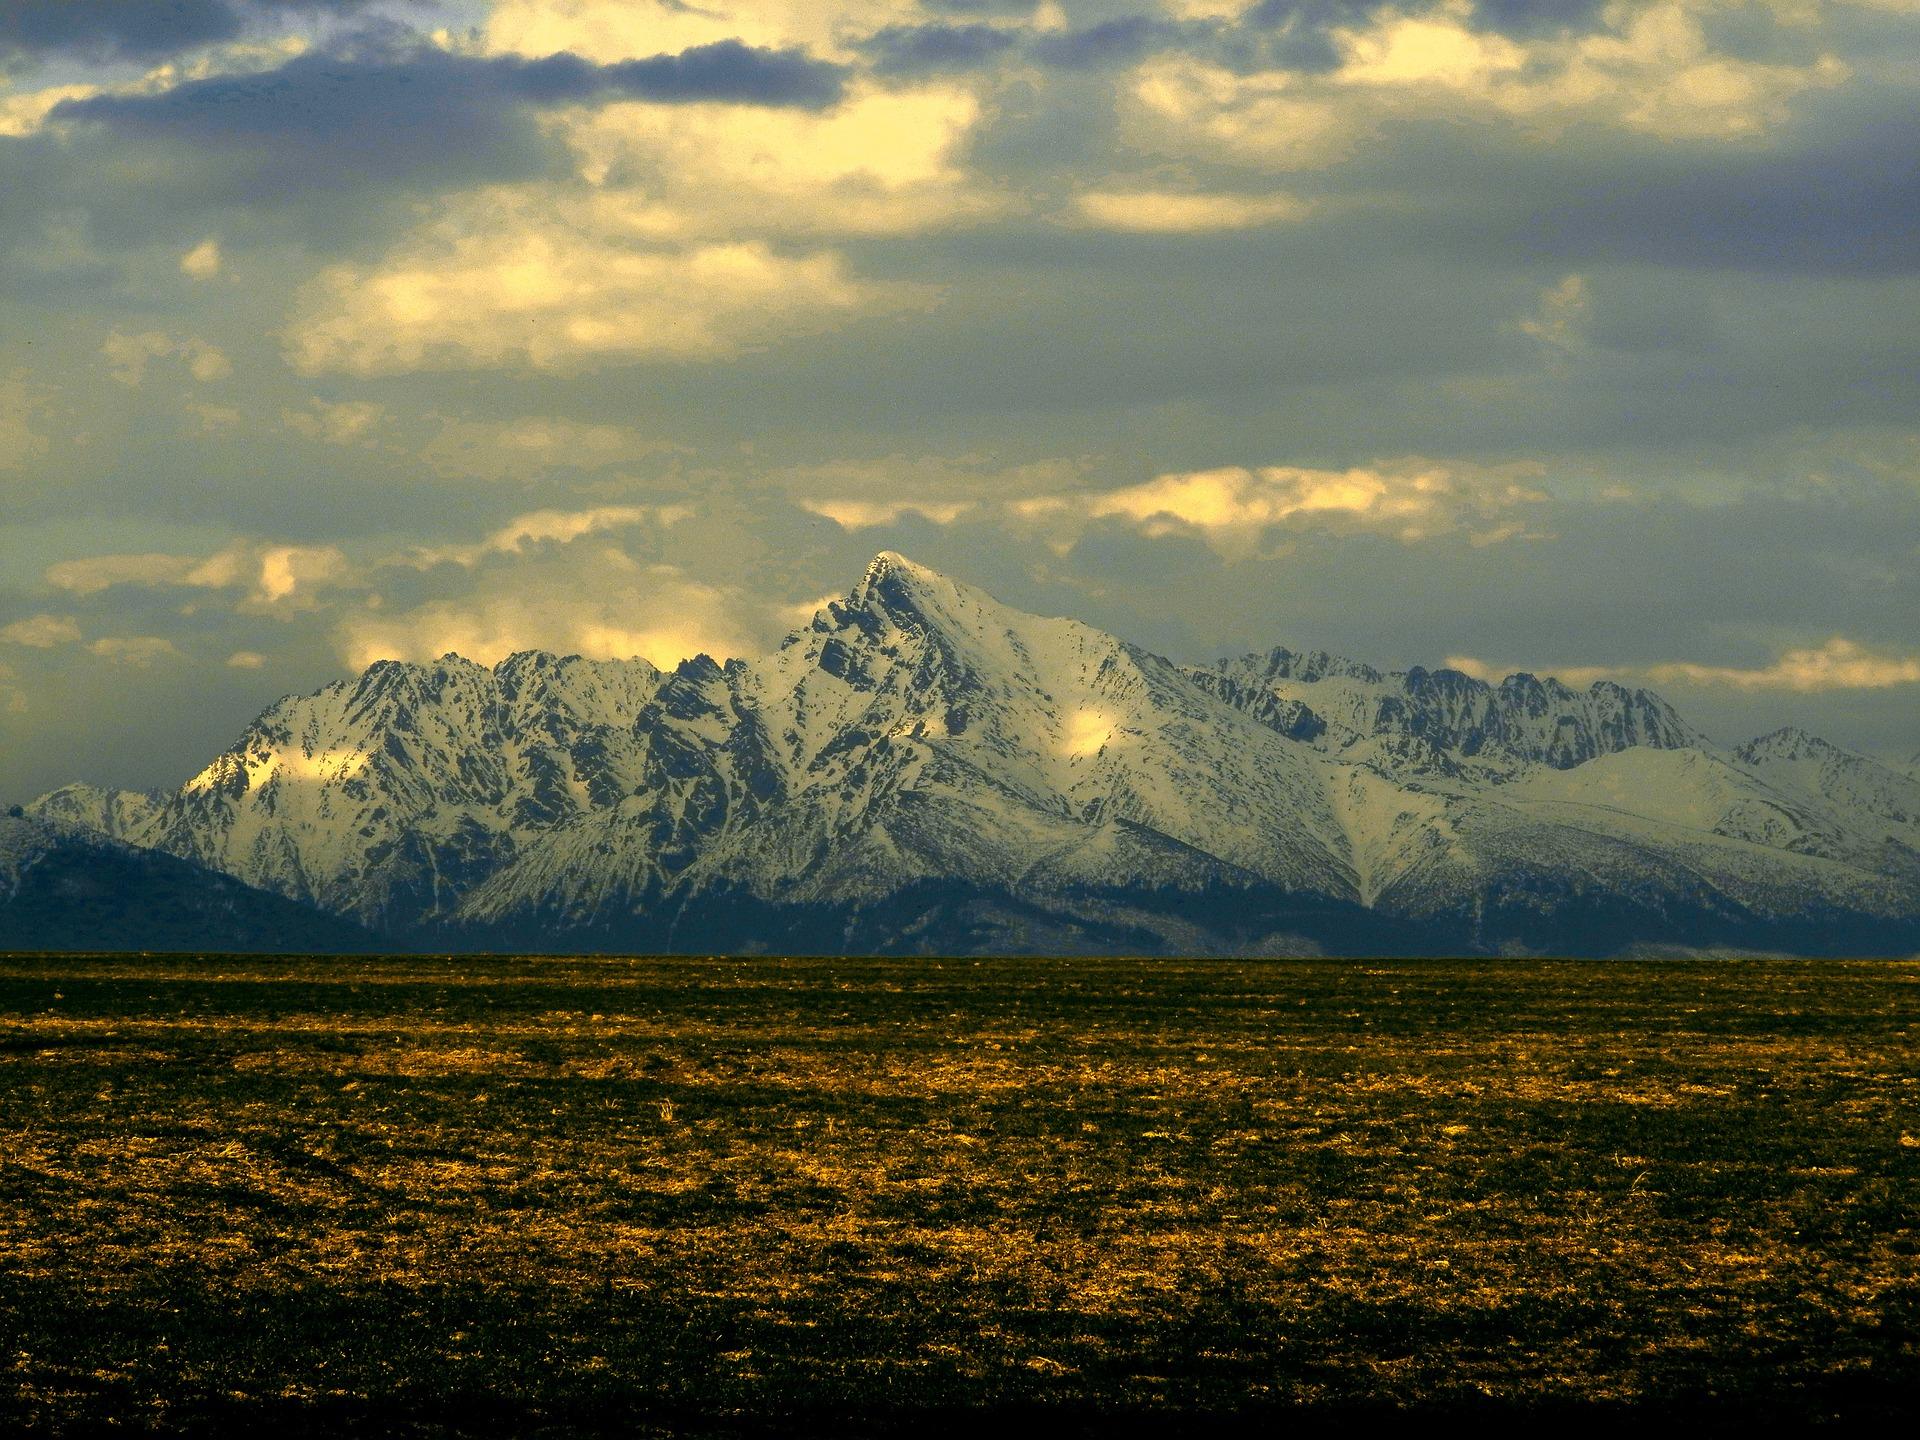 mountain-682565_1920